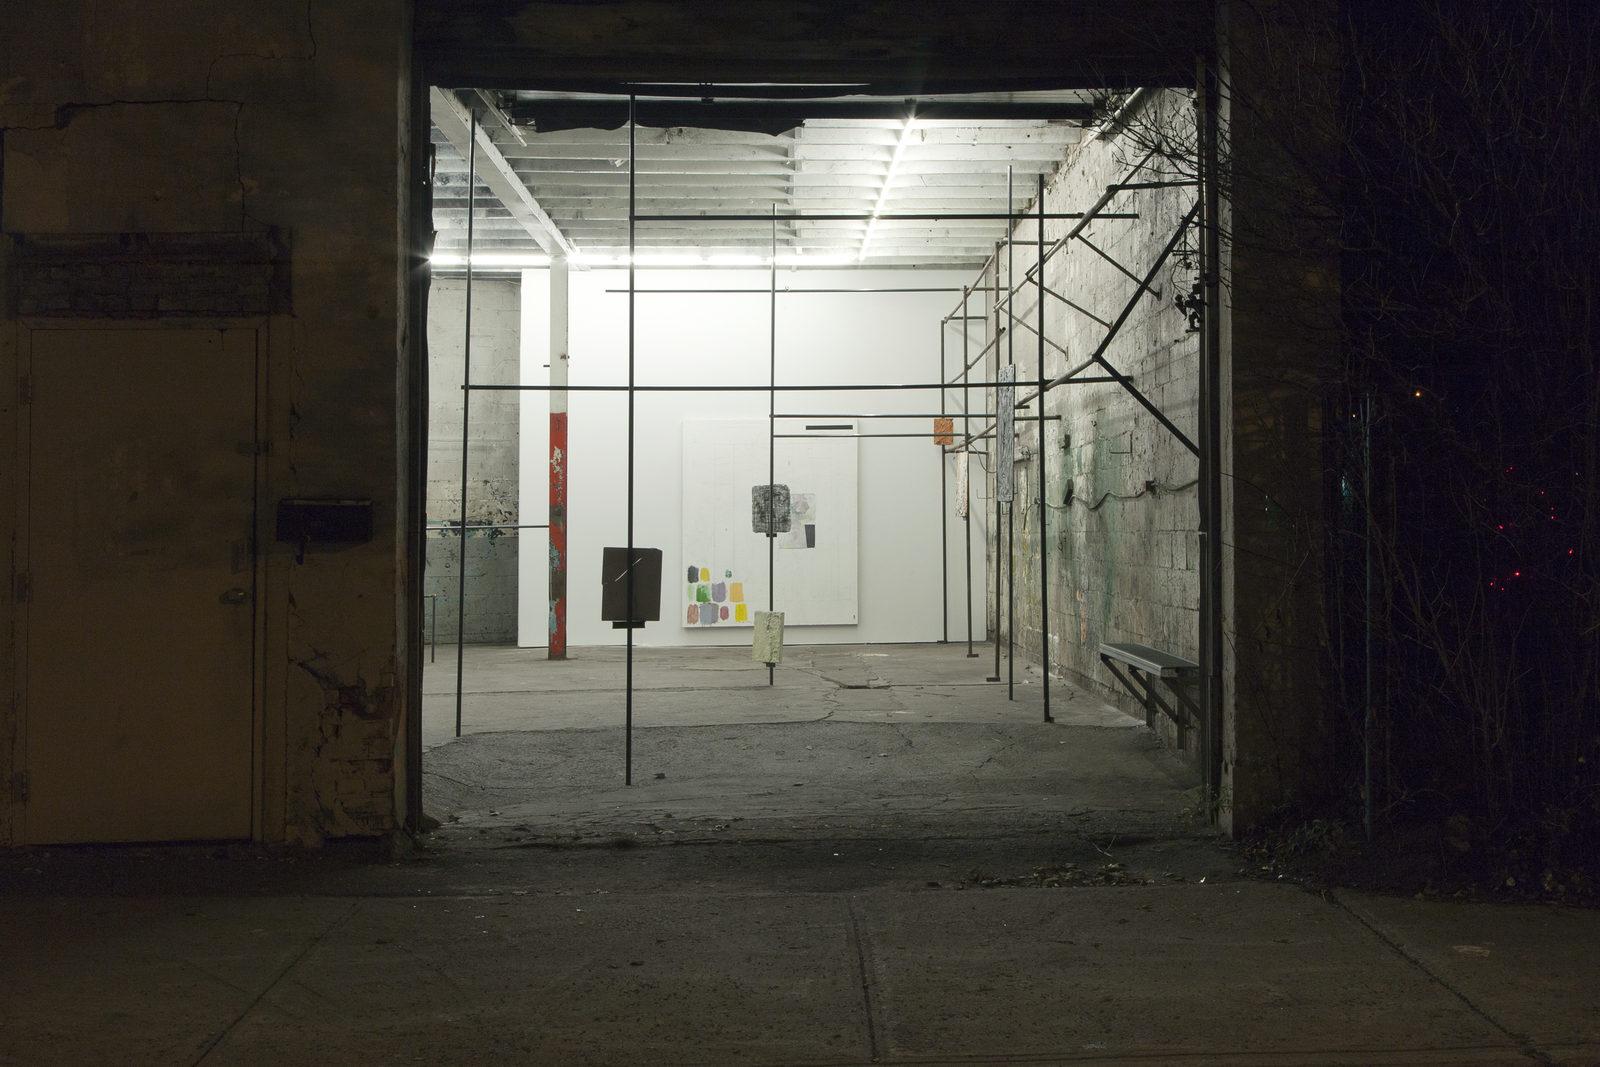 01_Installation View_1